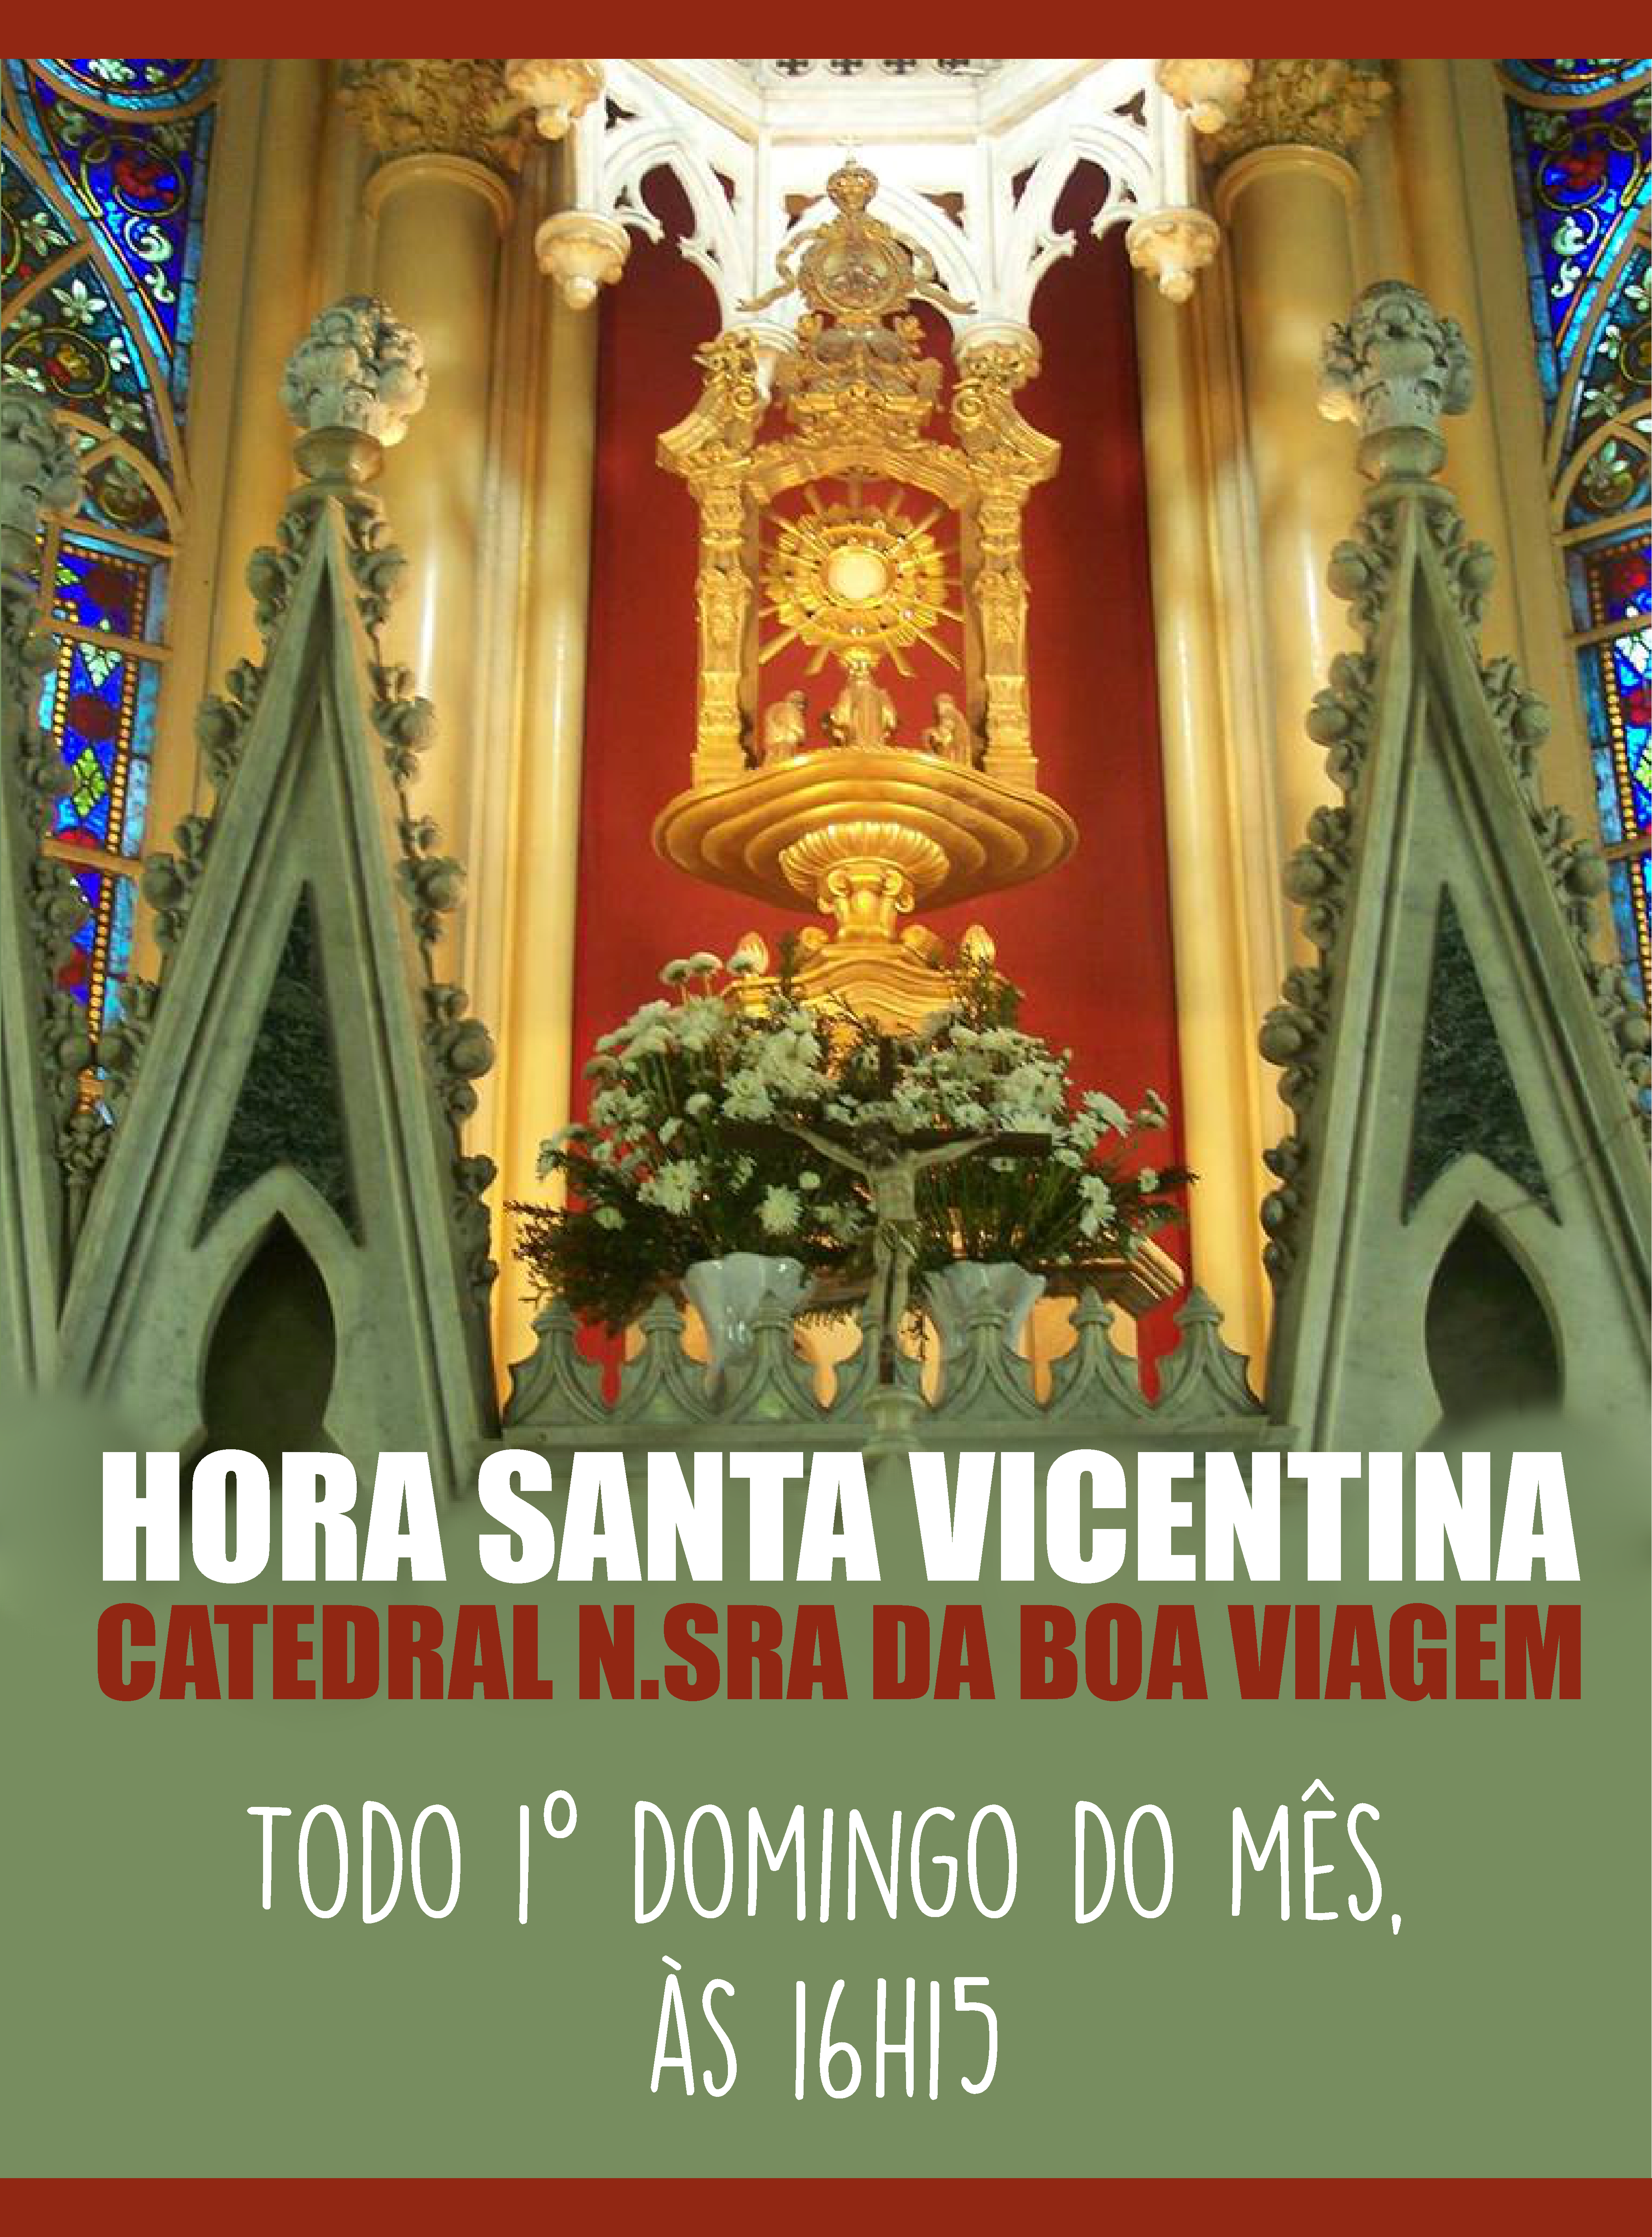 Hora Santa Vicentina na Catedral da Boa Viagem BH